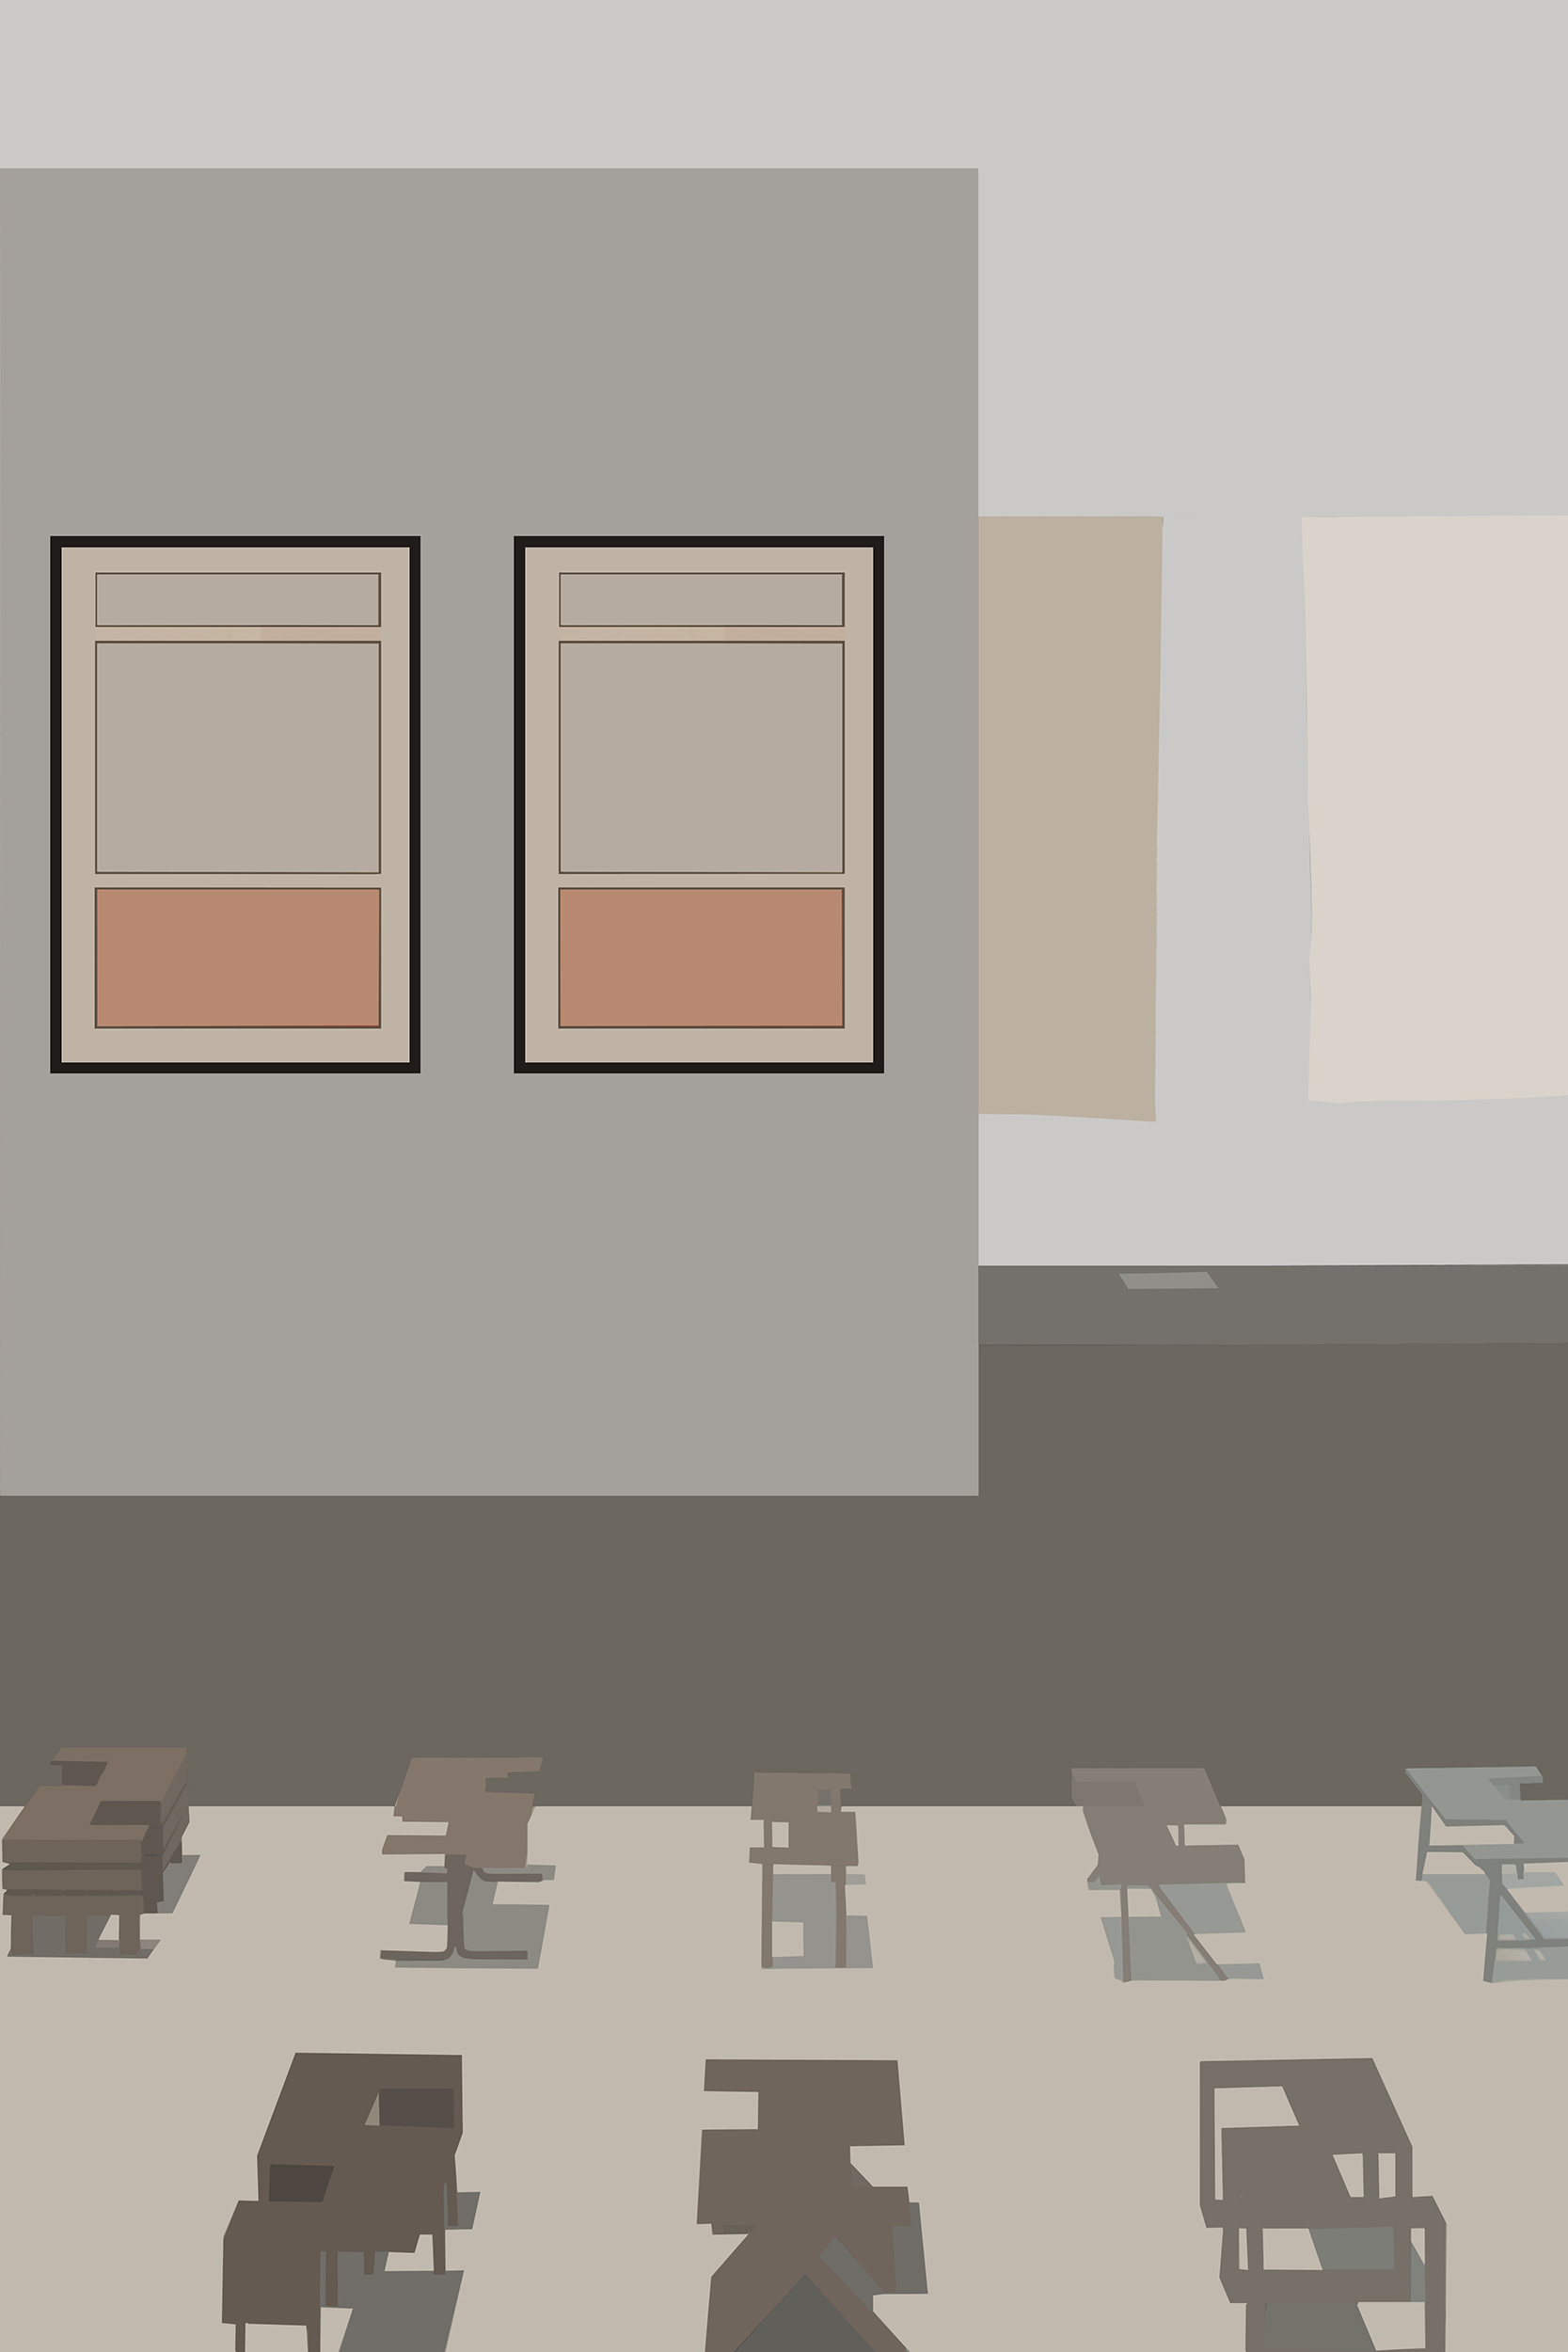 ART EXHIBIT, CONTEMPORARY ART MUSEUM